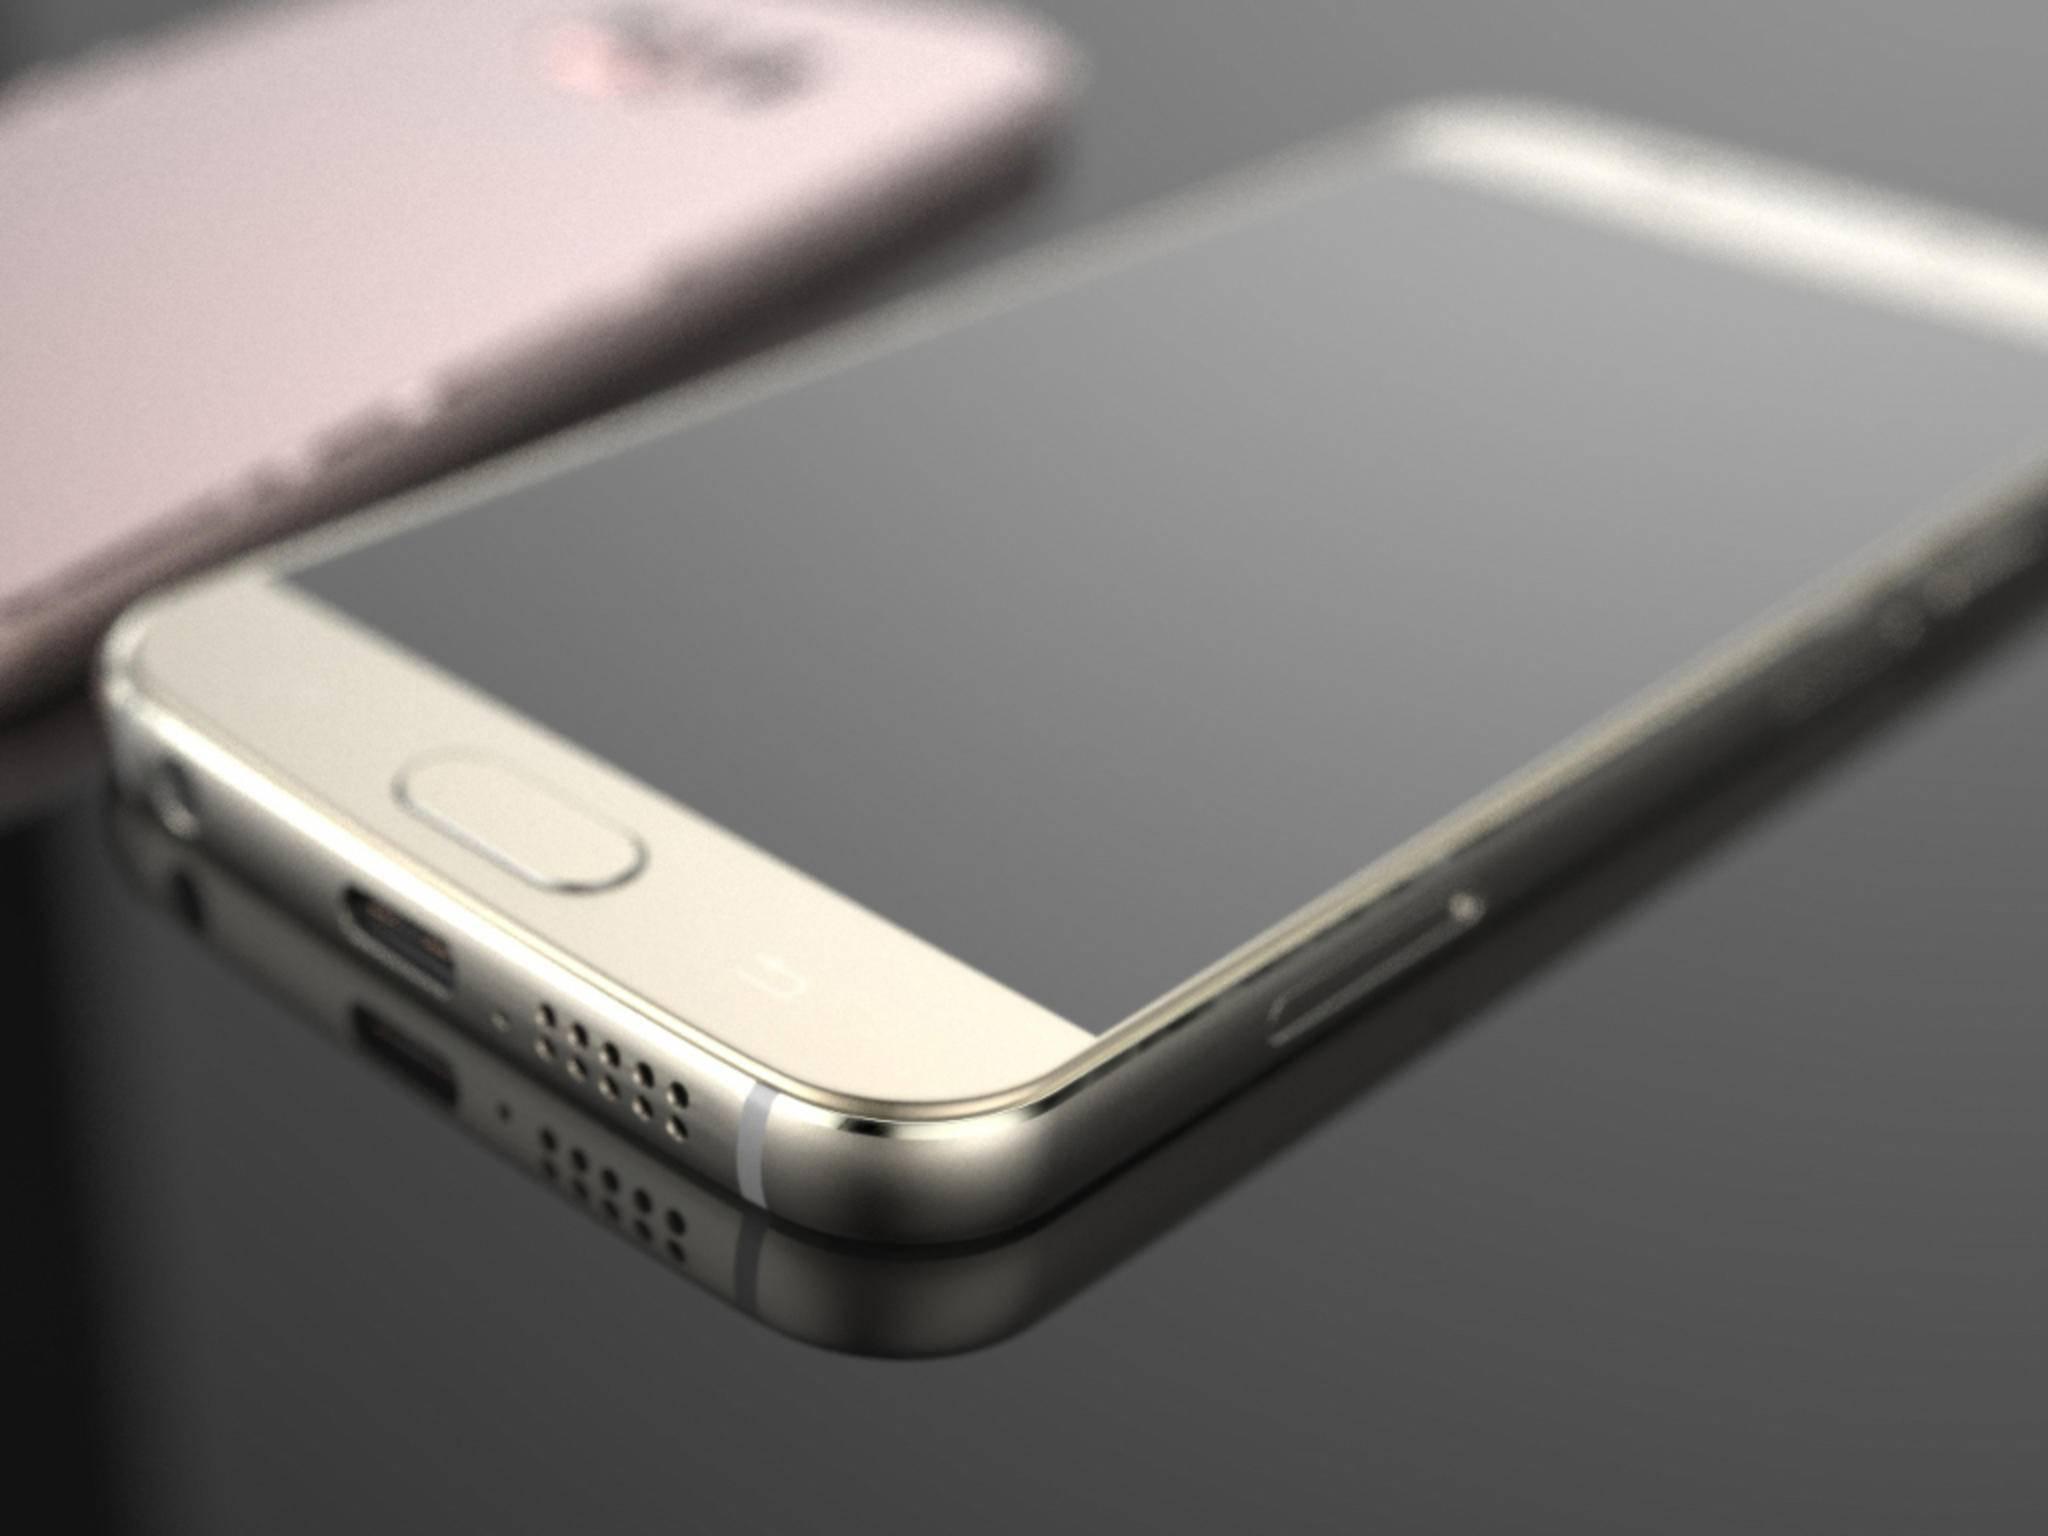 Das Galaxy S7 könnte einen Iris-Scanner bekommen.